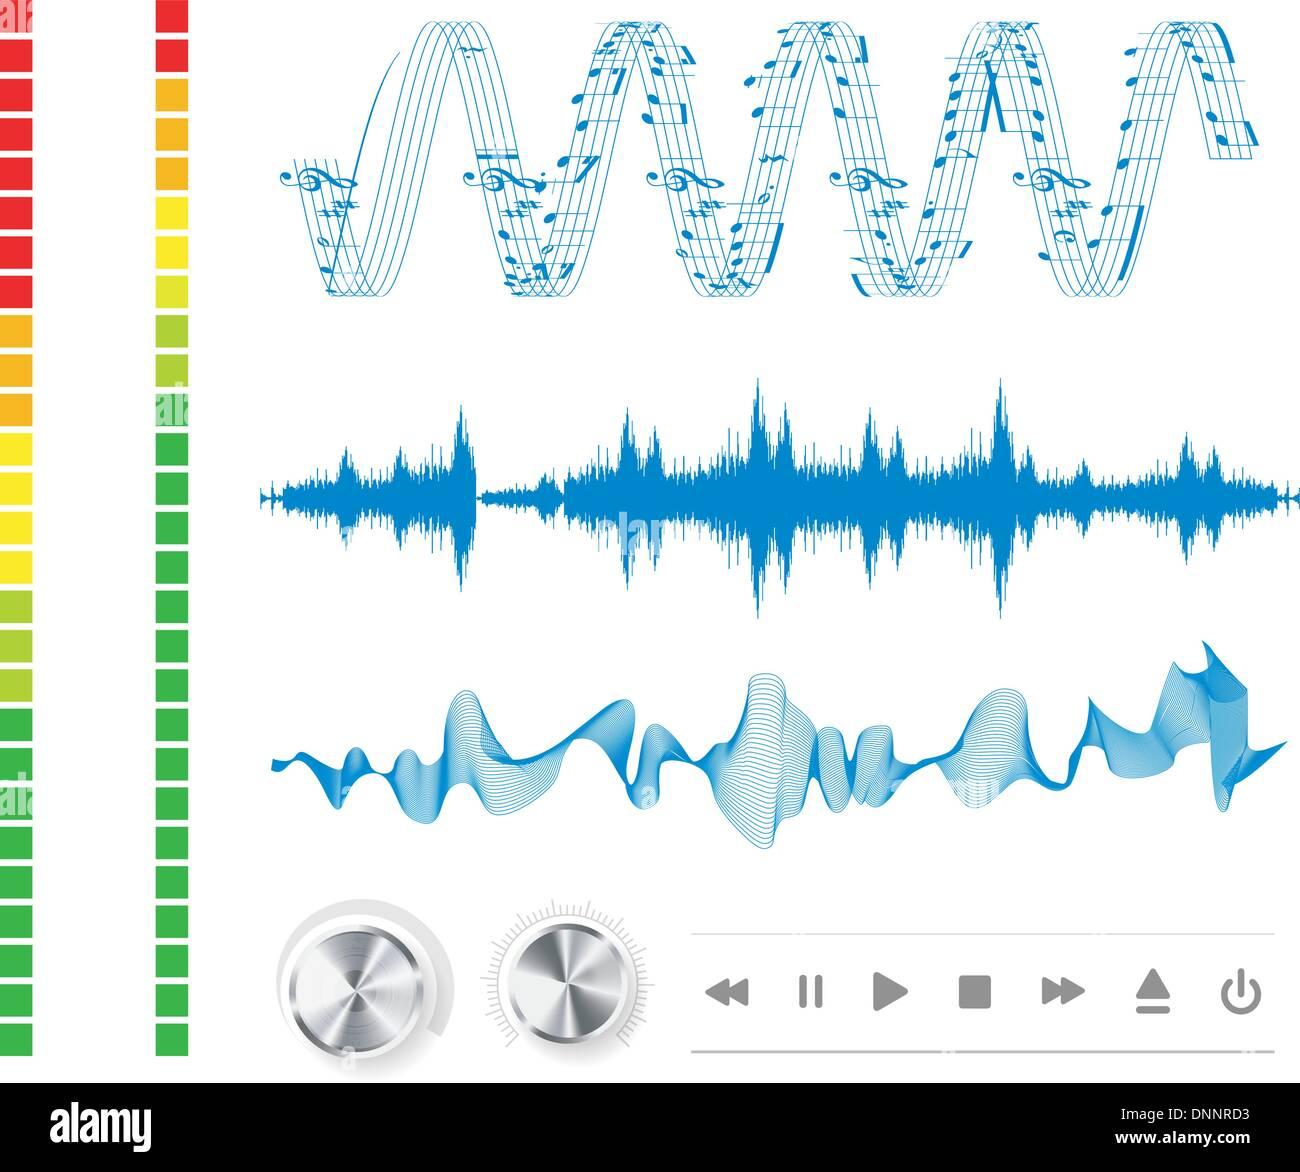 Note, i pulsanti e le onde sonore. Musica di sottofondo. Immagini Stock